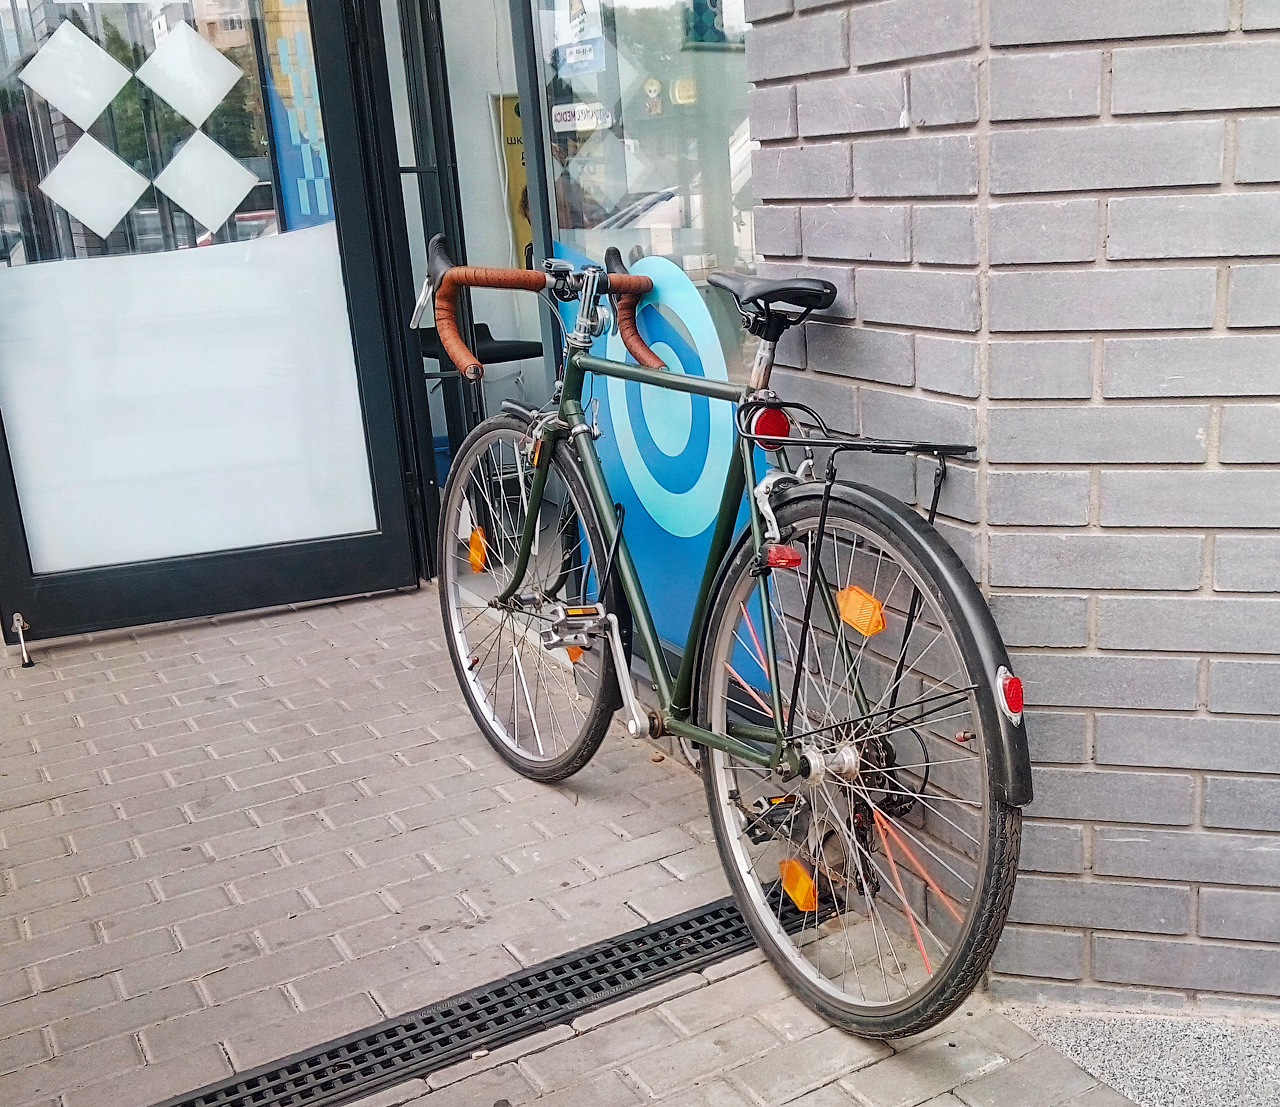 хвз турист велосипед варганчика